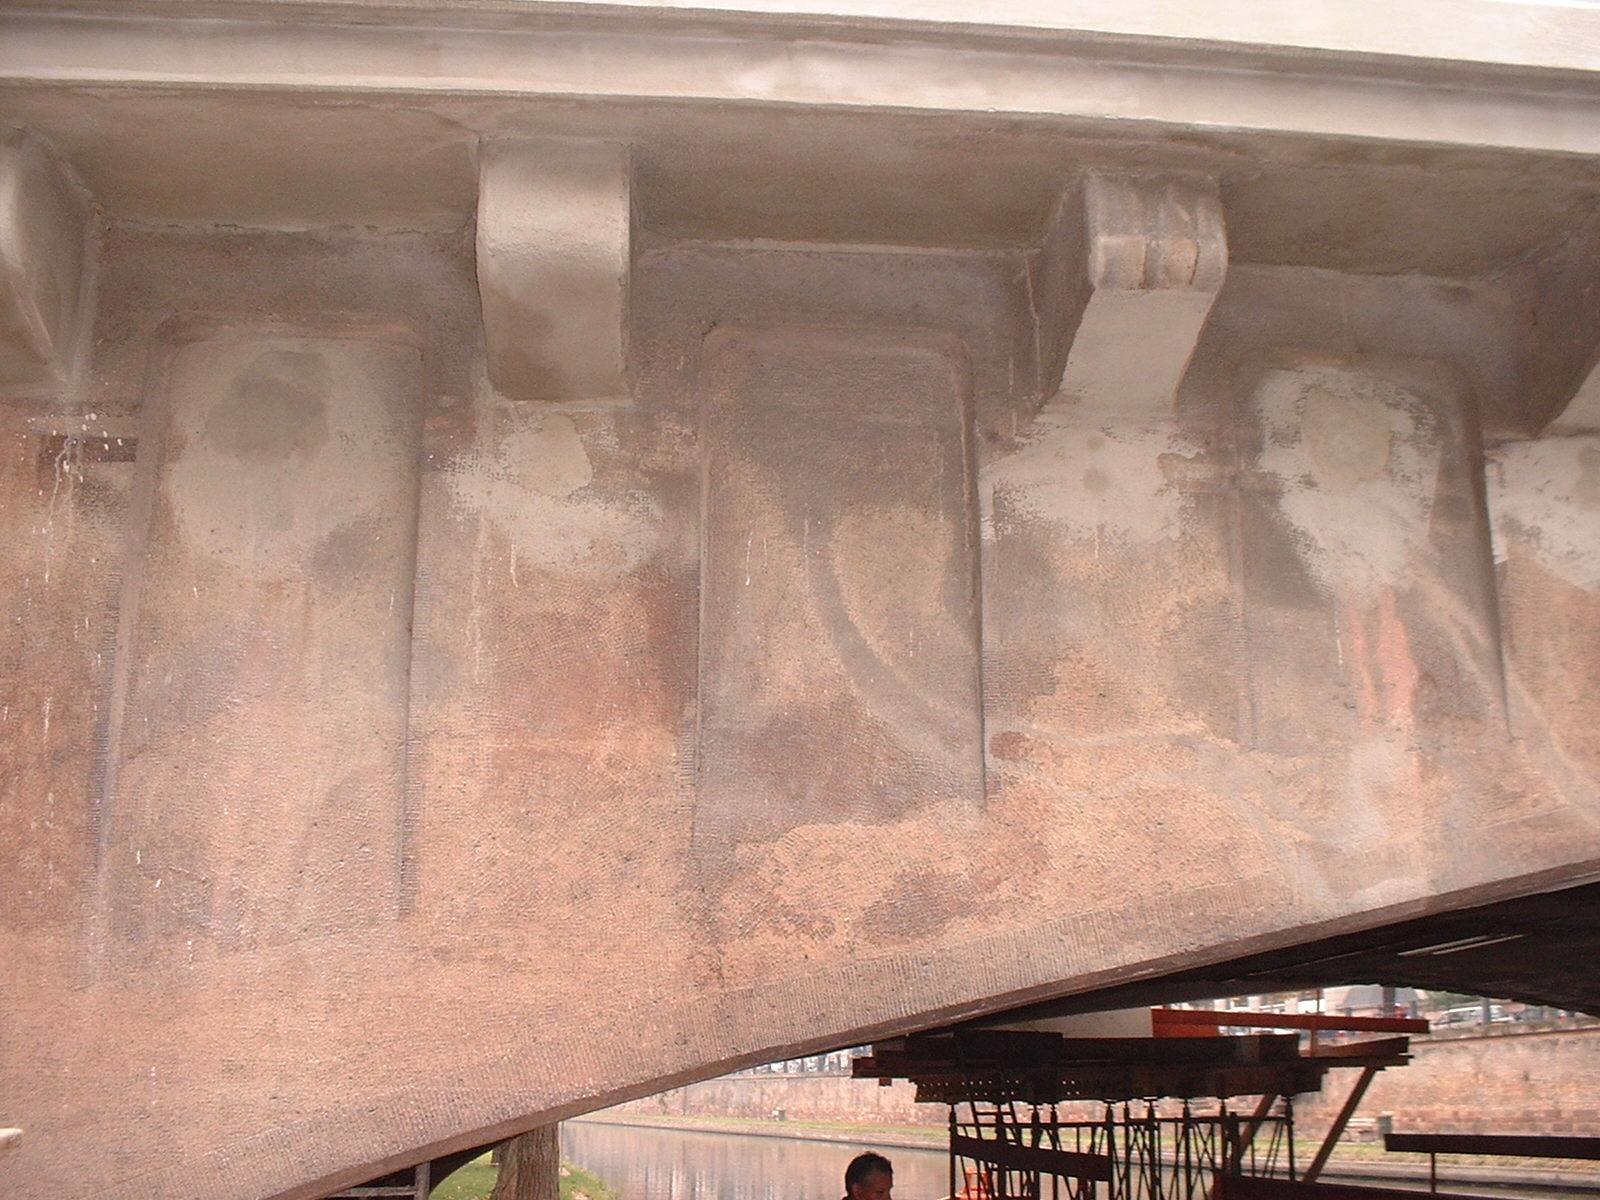 Réfection de corniches d'ouvrages d'art